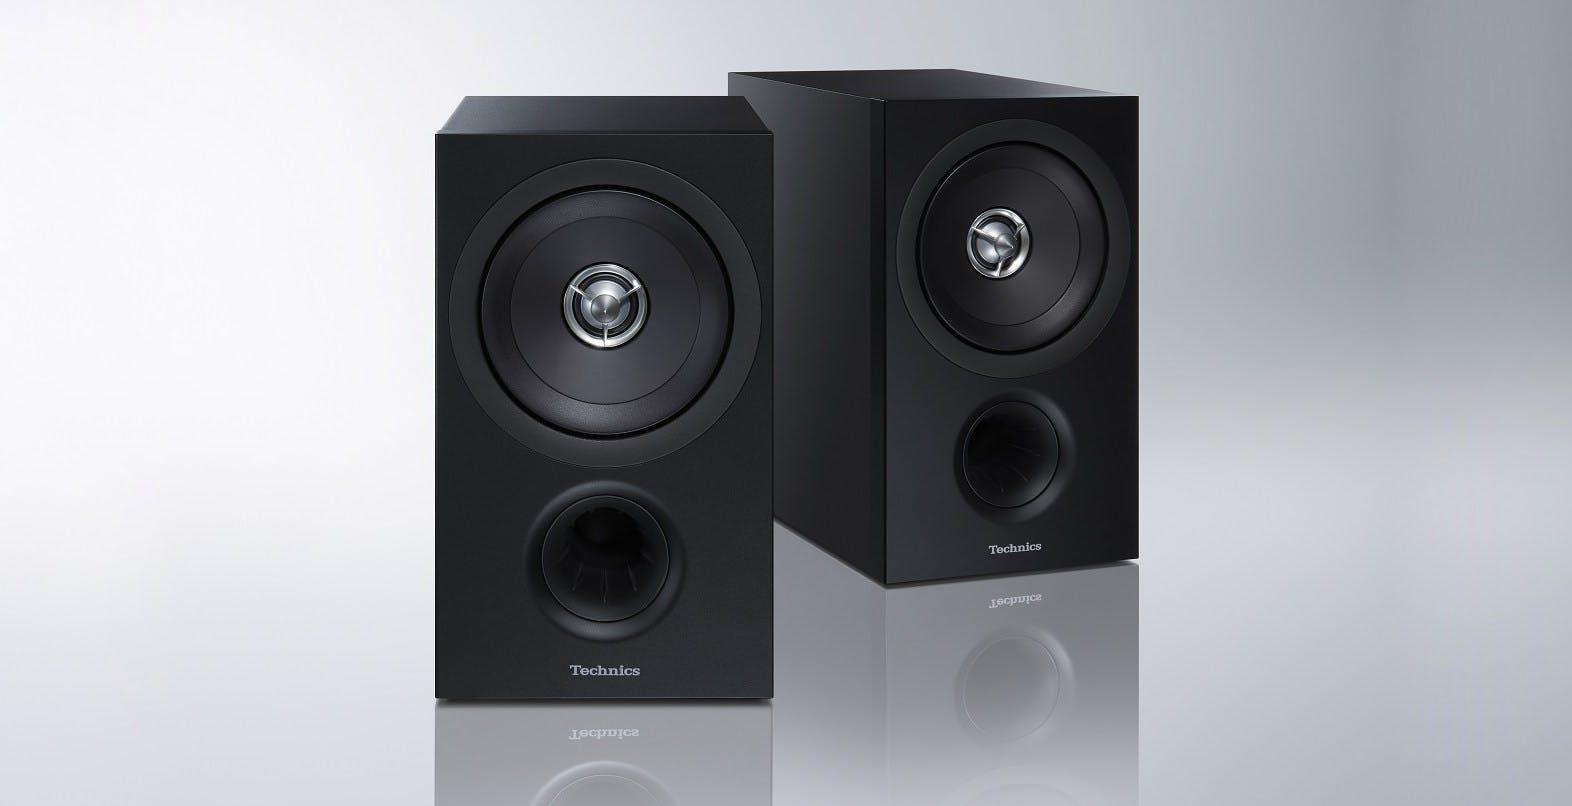 Technics si dà ai diffusori da scaffale: ecco C600, costa 999 euro